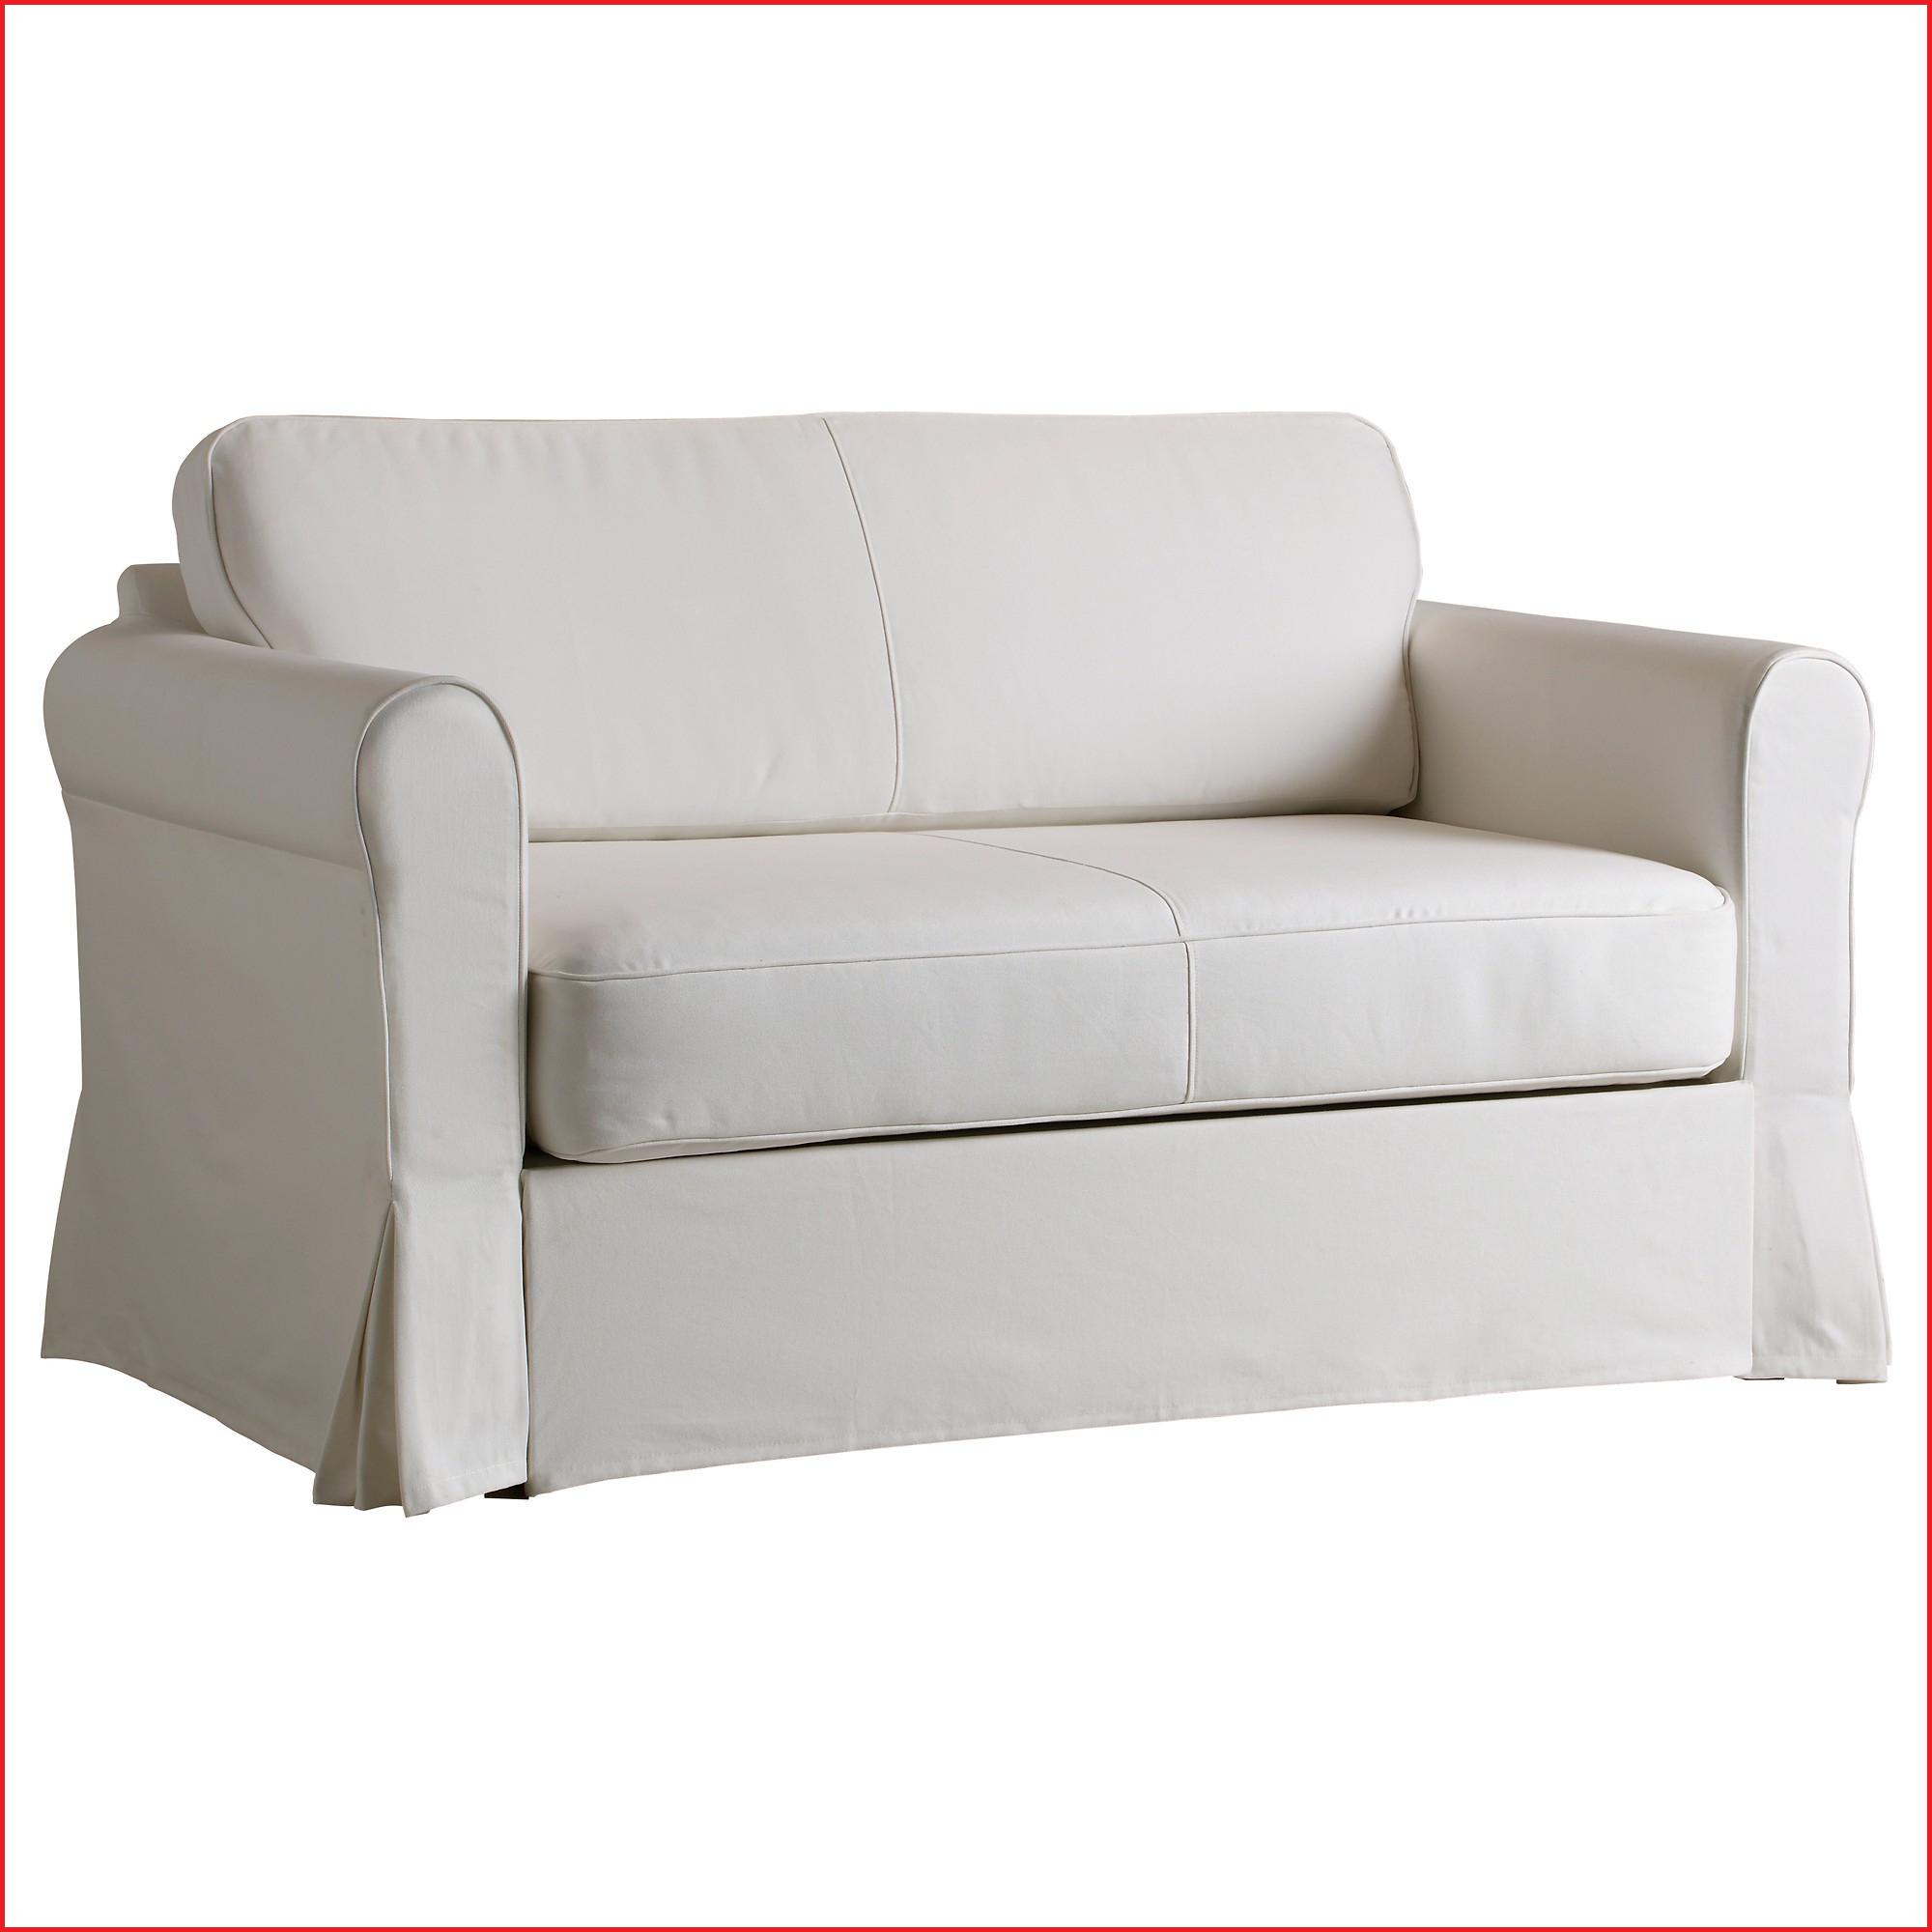 Sofa Cama Dos Plazas Ikea Mndw Ikea sofa Cama 2 Plazas Cama sofa Awesome Hagalund sofà Cama